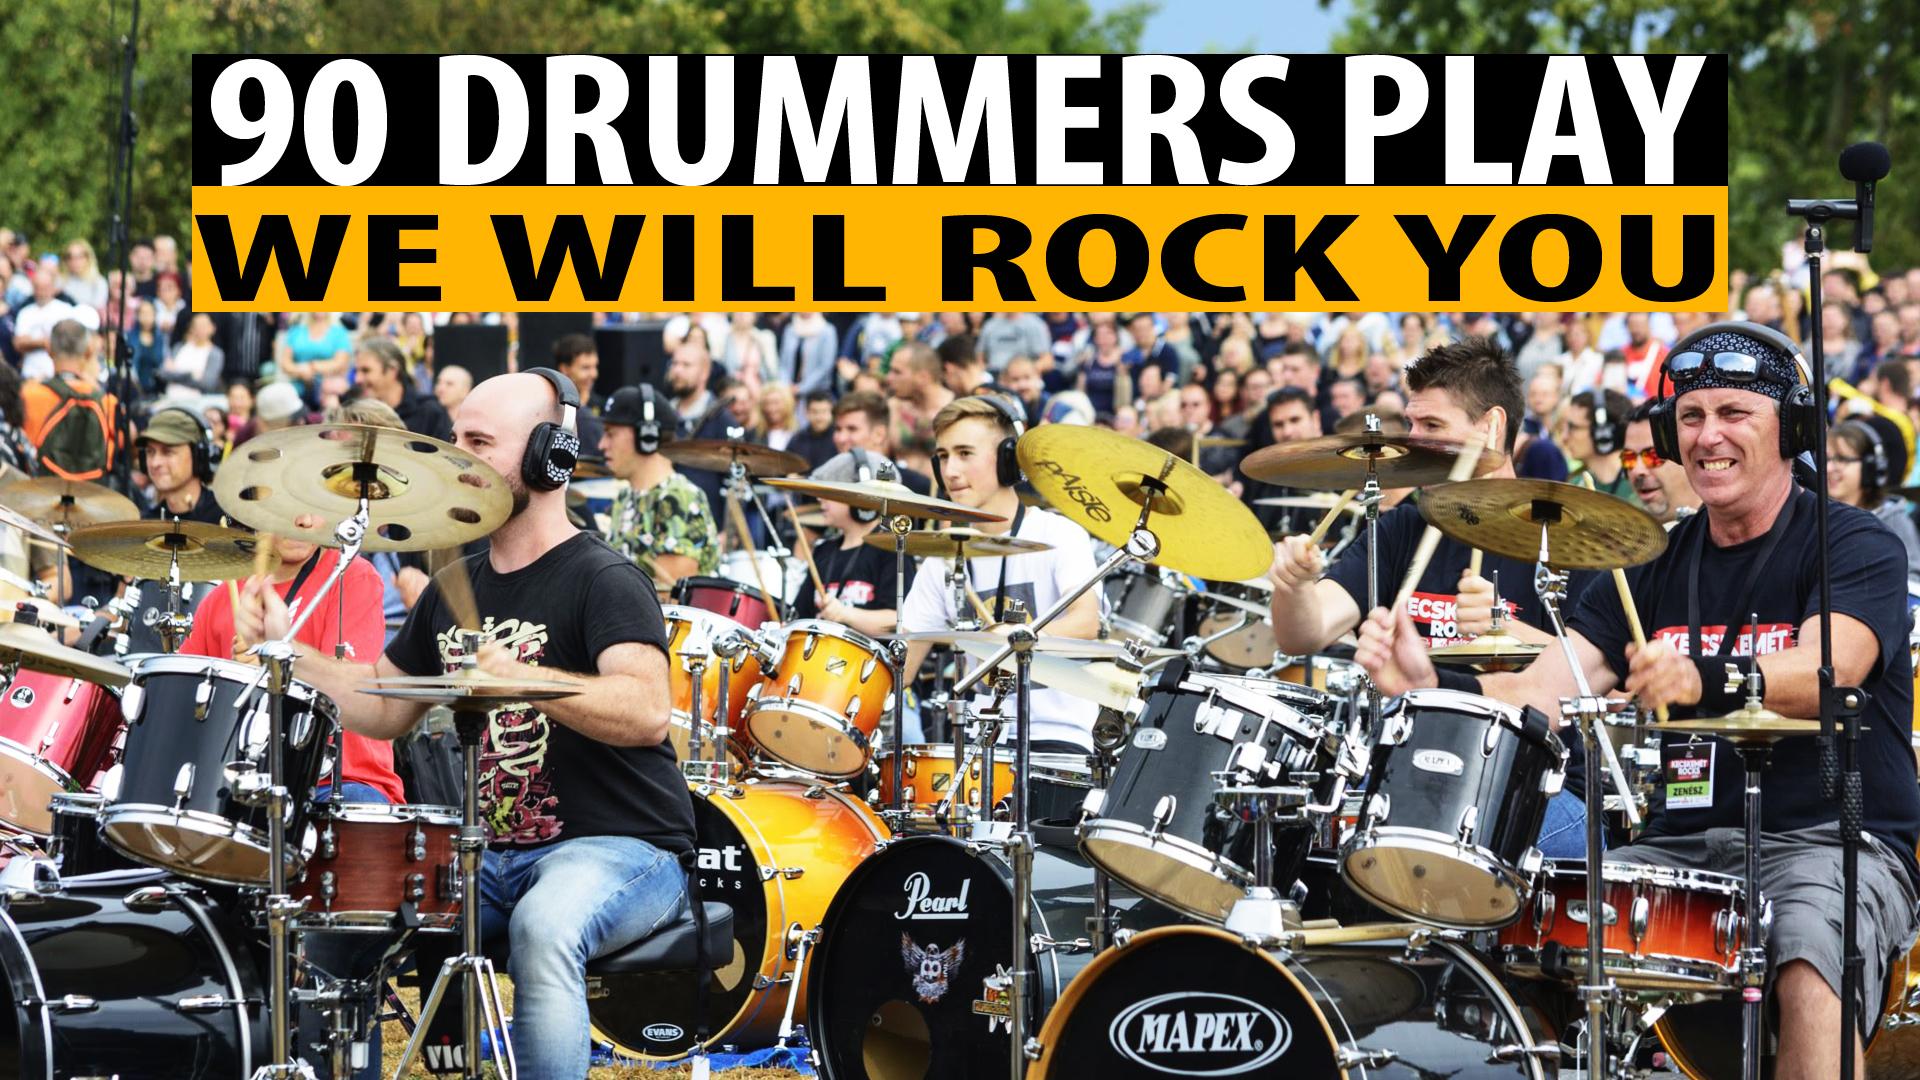 90_drummers1.jpg